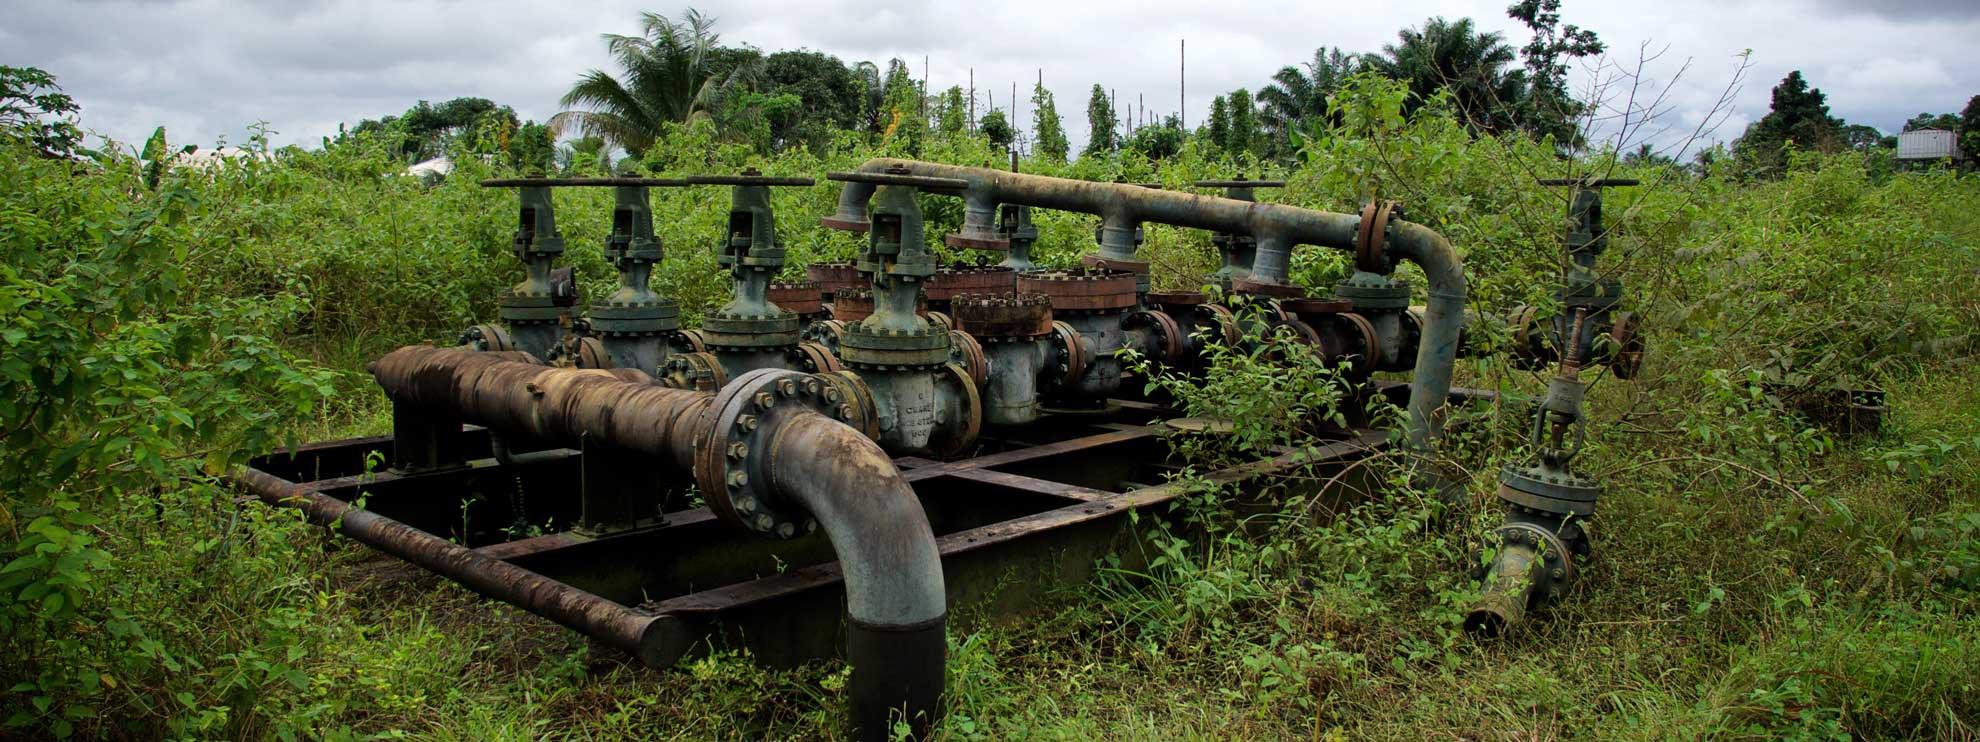 Eine verlassene Pumpstation. © Michael Uwemedimo/cmapping.net